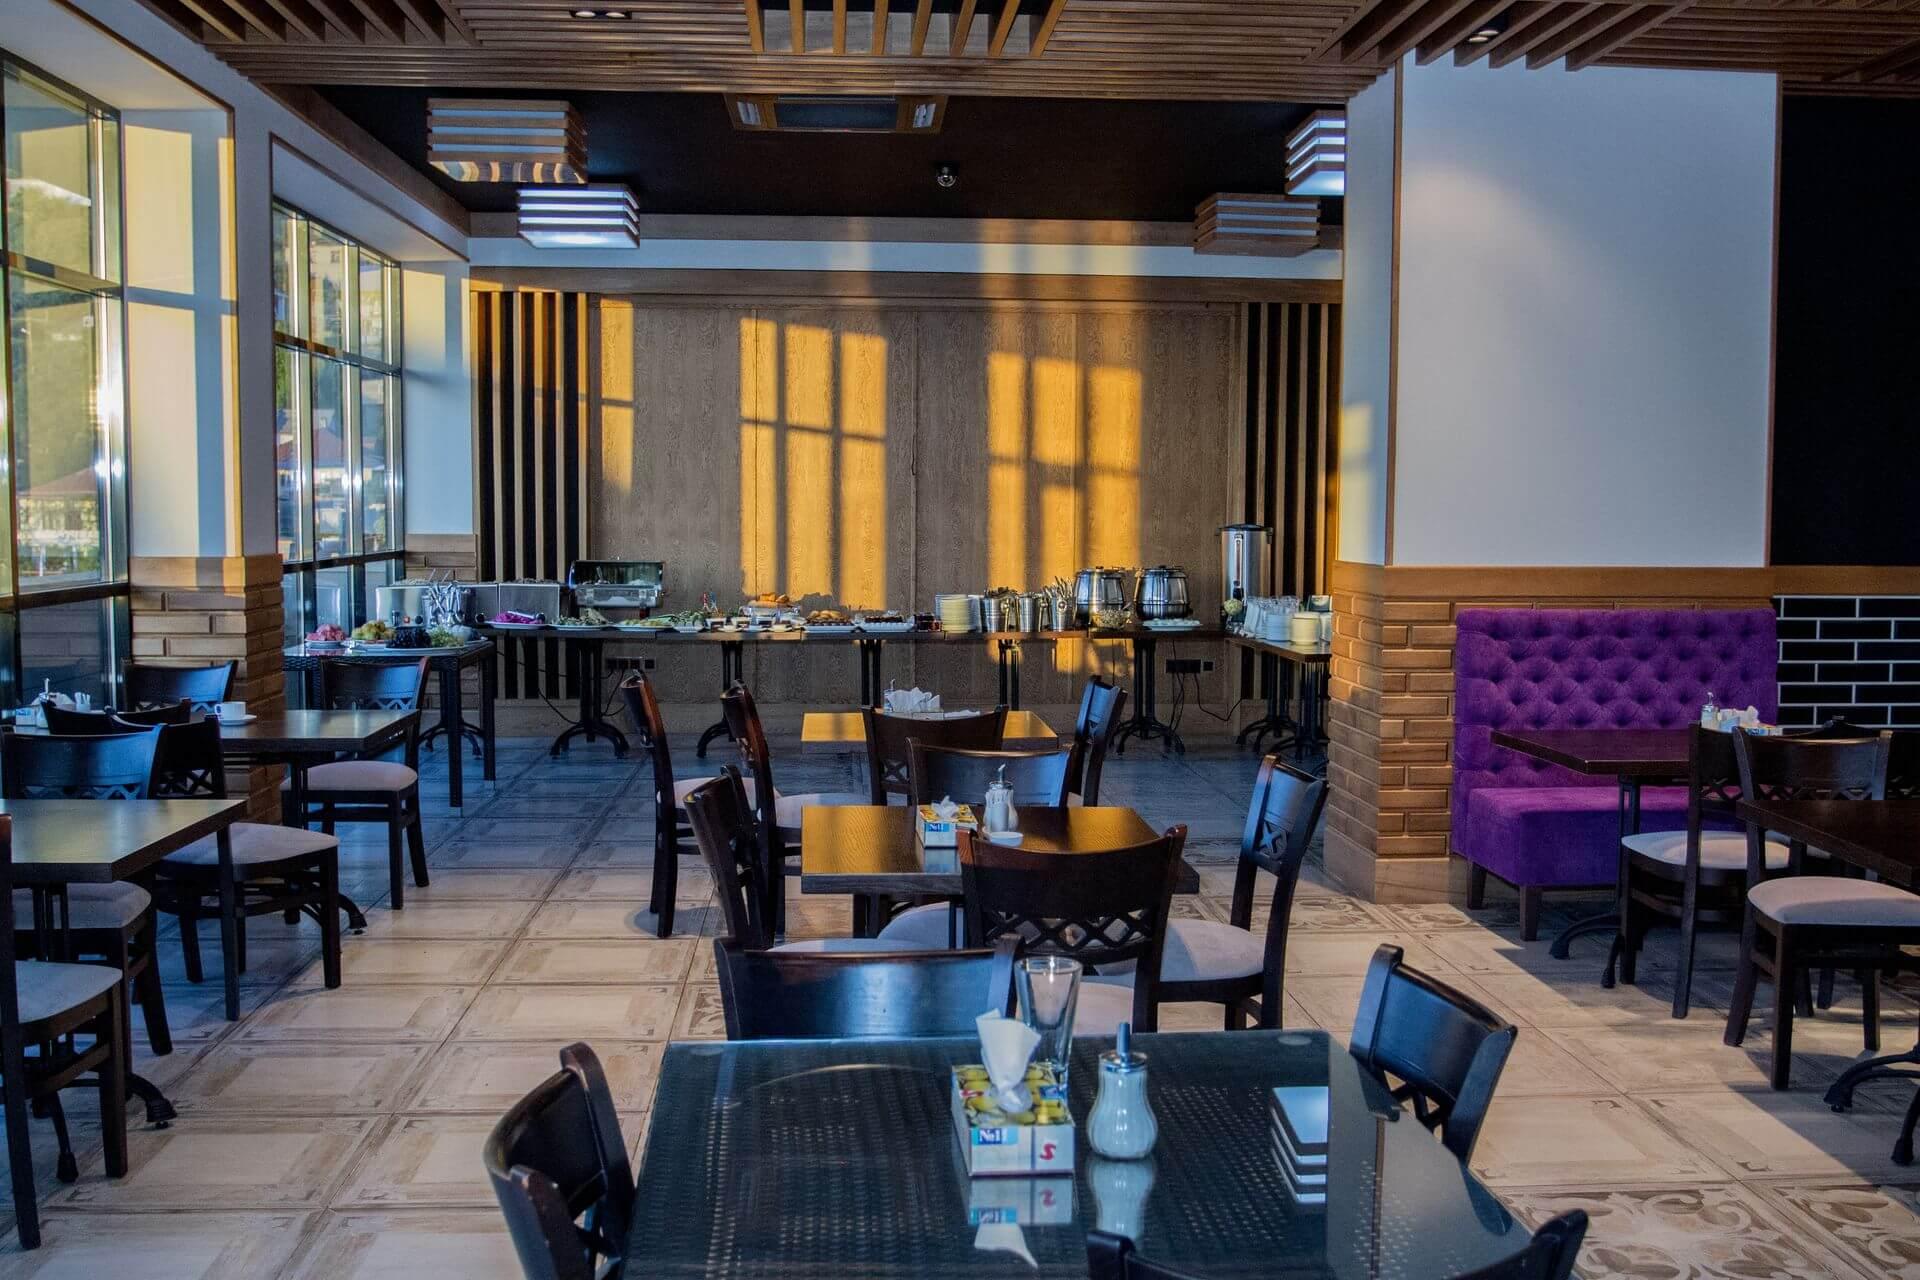 Ресторан - Гранд отель Гагра - отель европейского уровня в Абхазии (Grand Hotel Gagra)